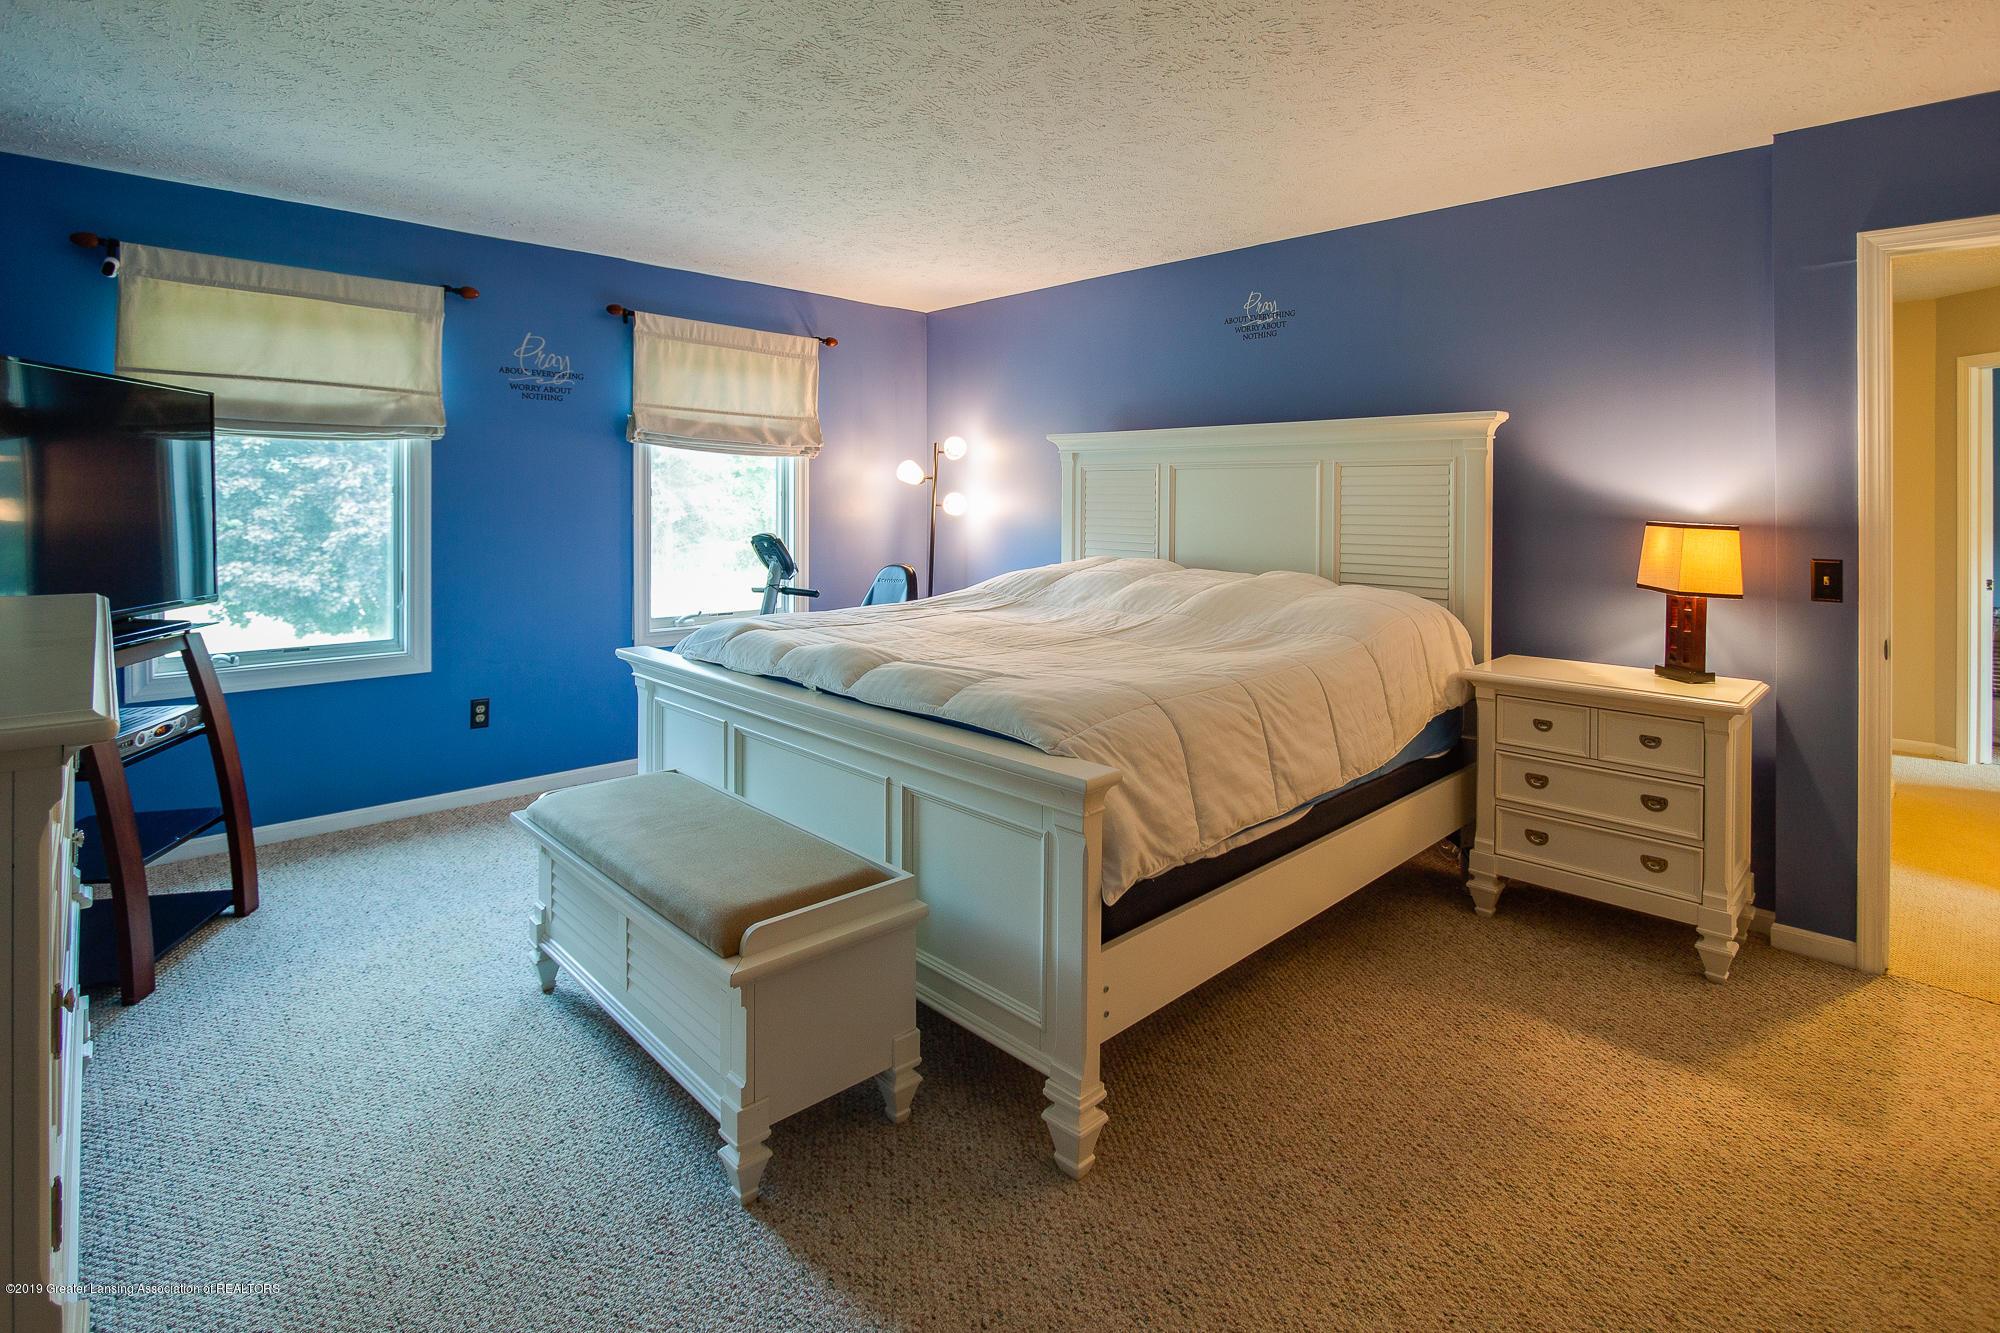 10191 S Bay Dr - Master Bedroom - 17